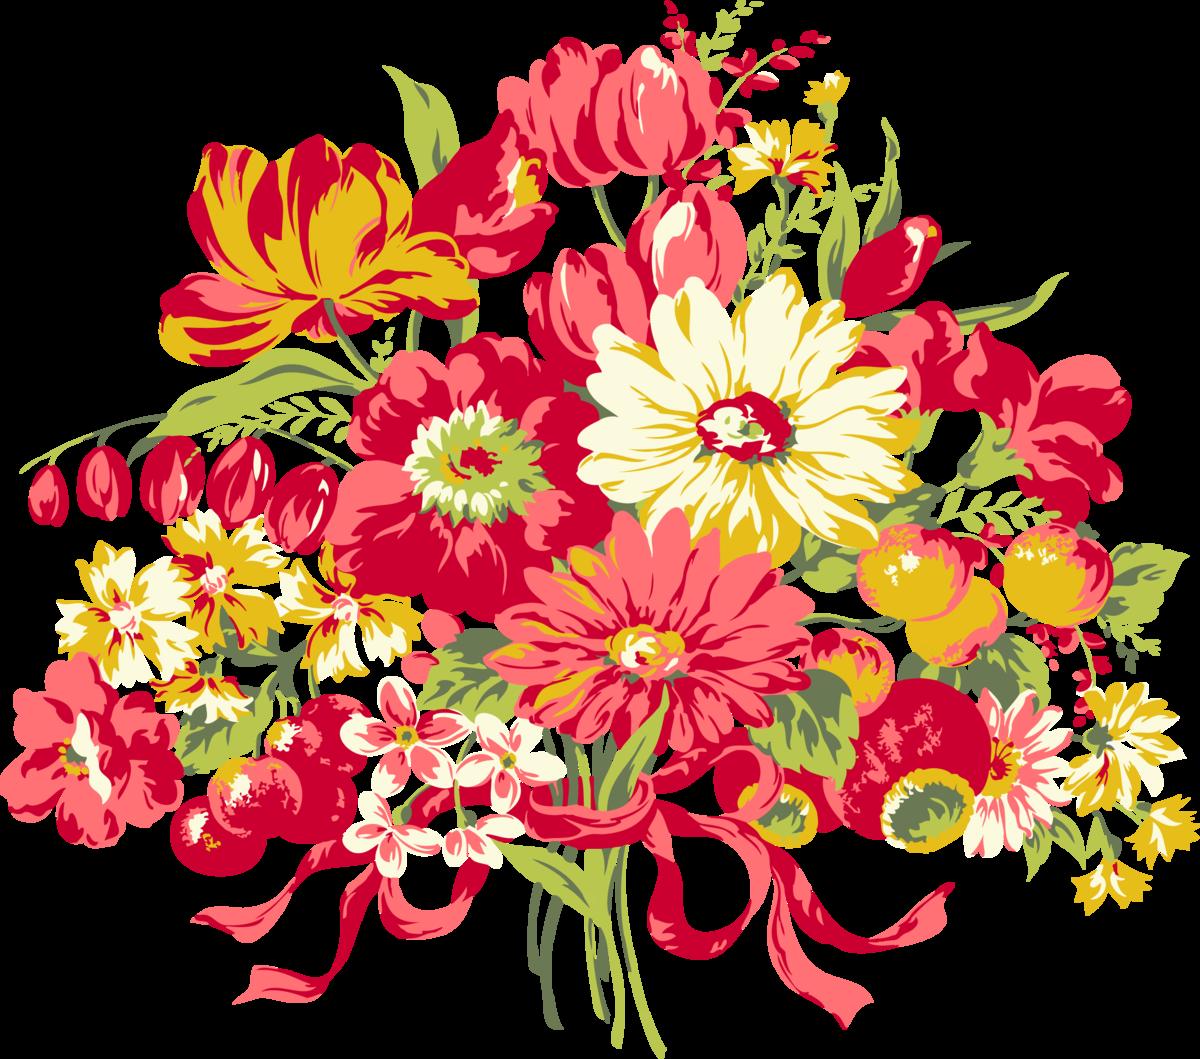 Марта своими, открытки с цветами мультяшные